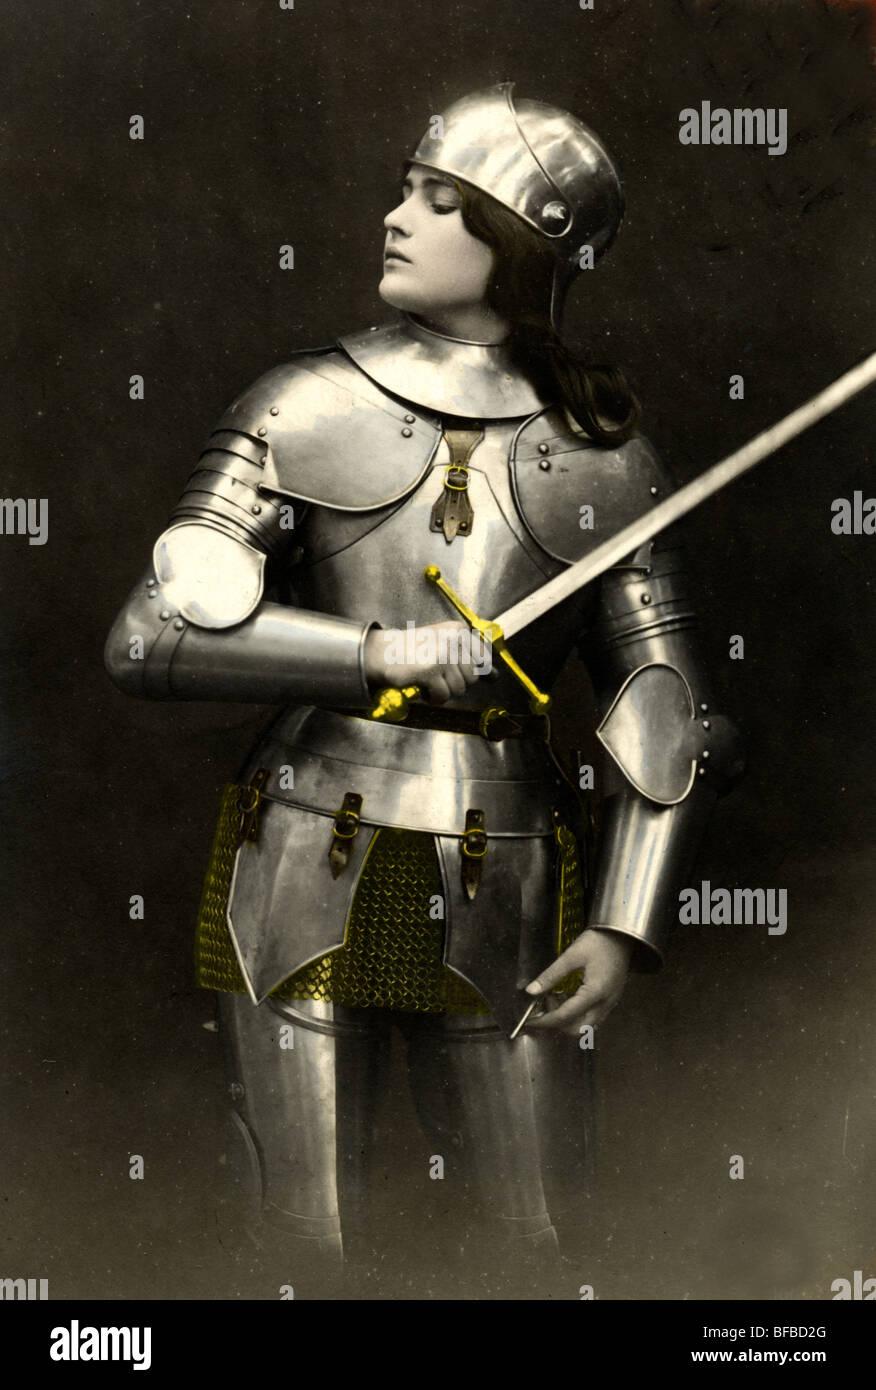 Beautiful Woman Knight in Shining Armor - Stock Image